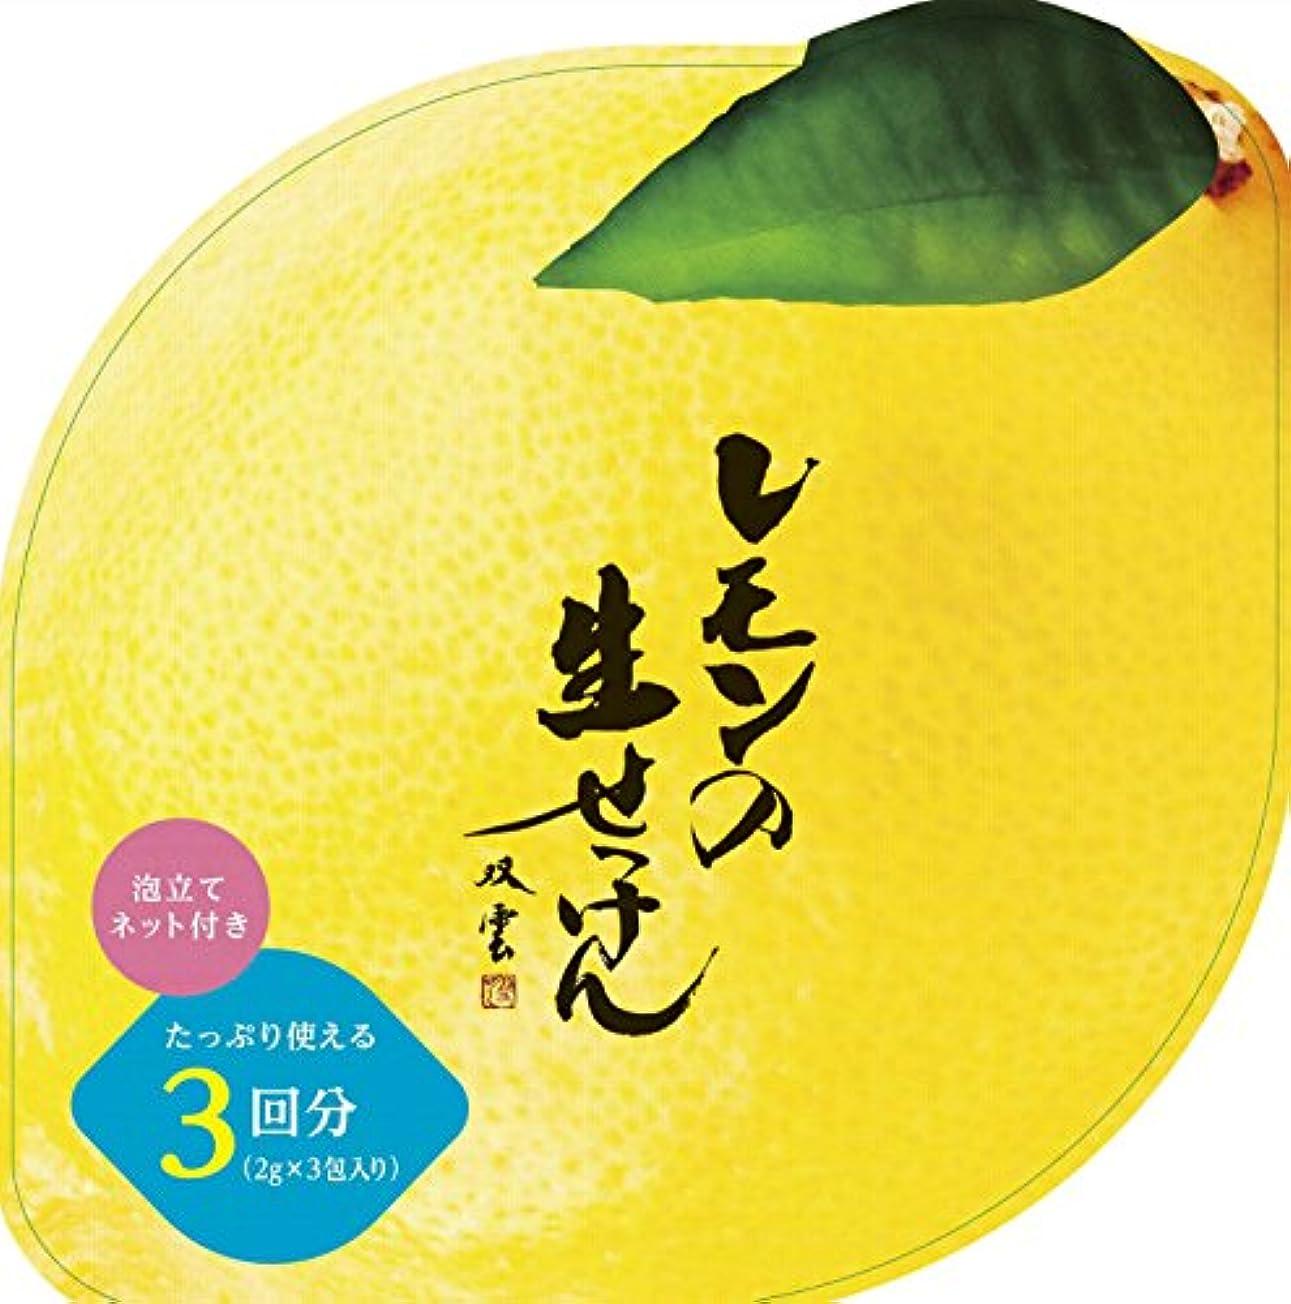 スキムどうやらさせる美香柑 レモンの生せっけん 2g×3包入